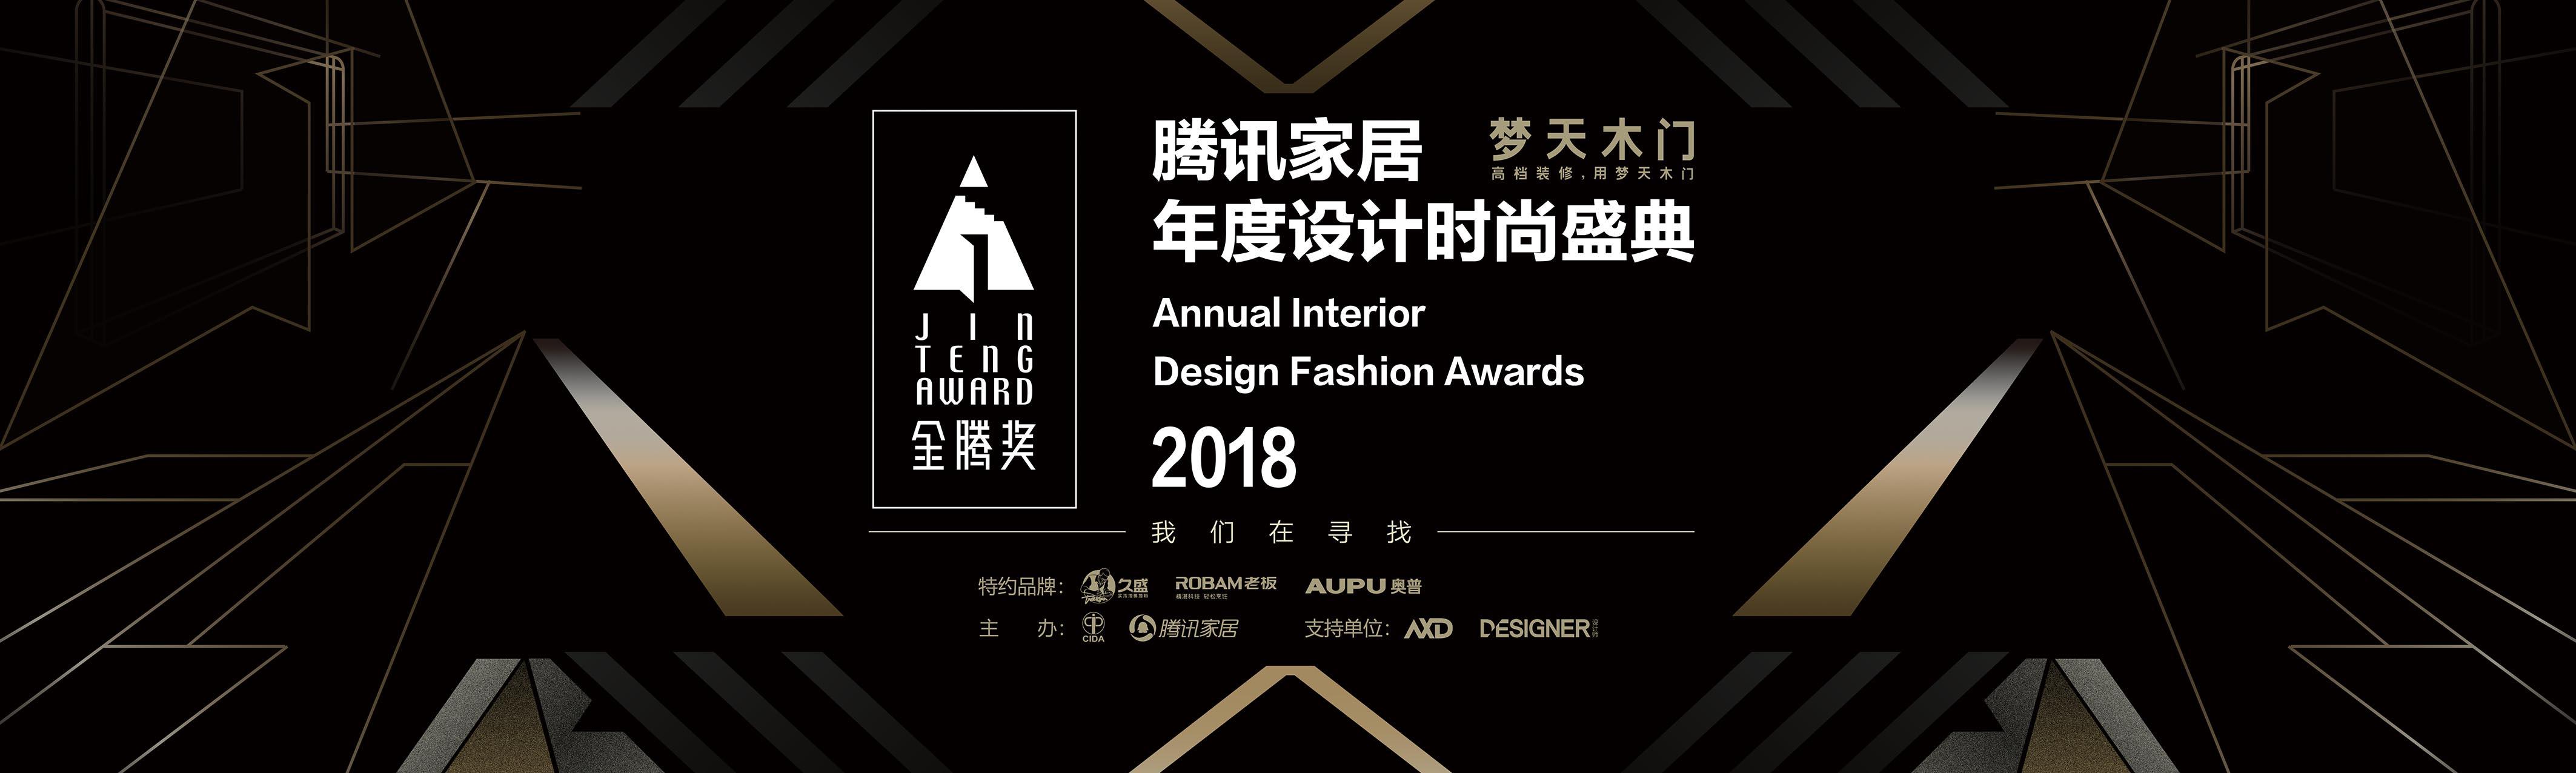 2018騰訊家居年度設計時尚盛典·金騰獎